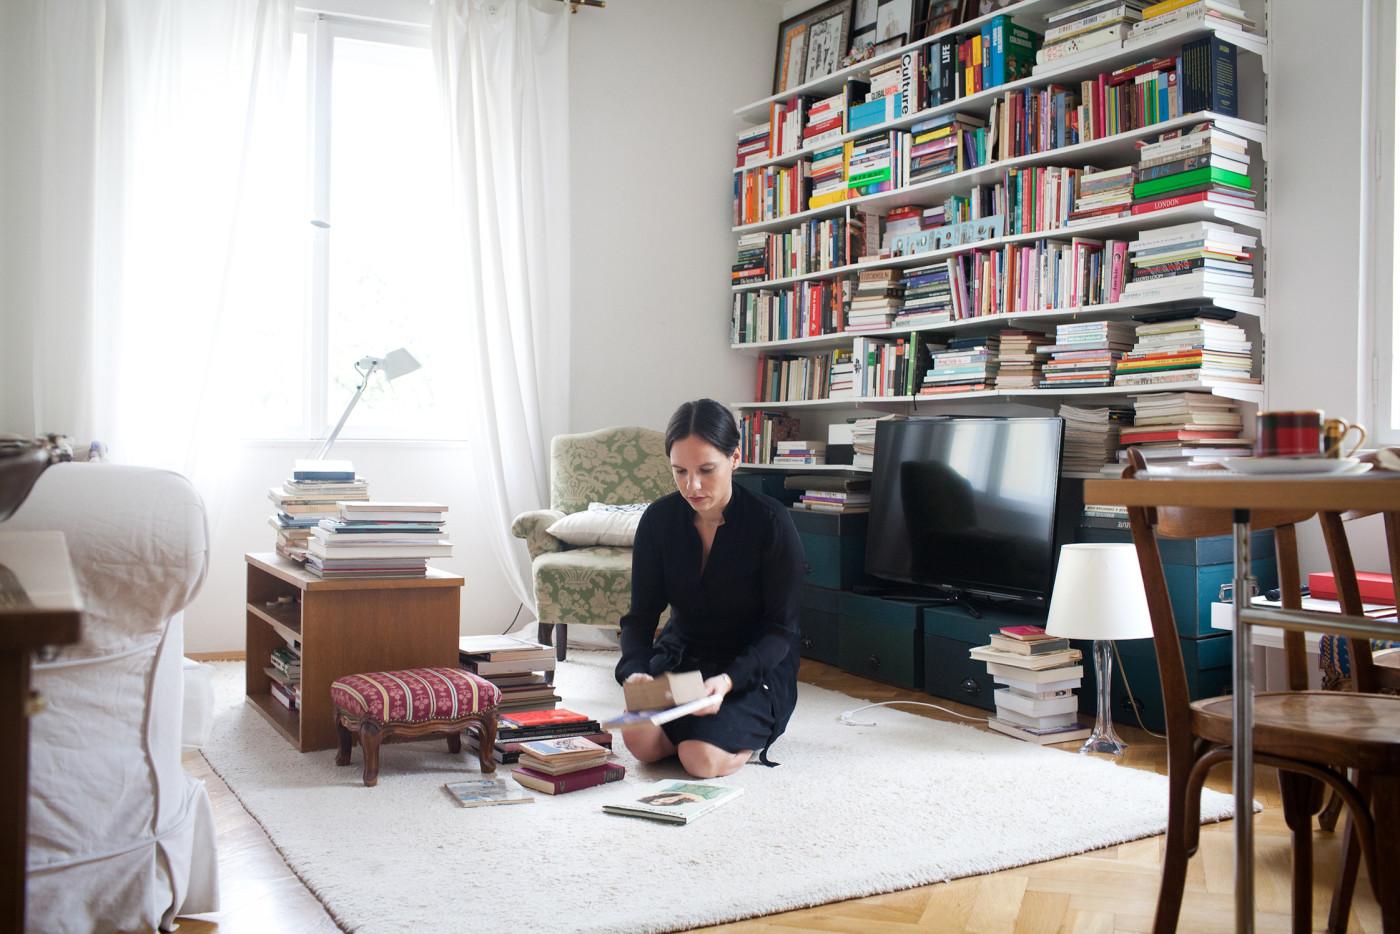 freunde von freunden kera till. Black Bedroom Furniture Sets. Home Design Ideas